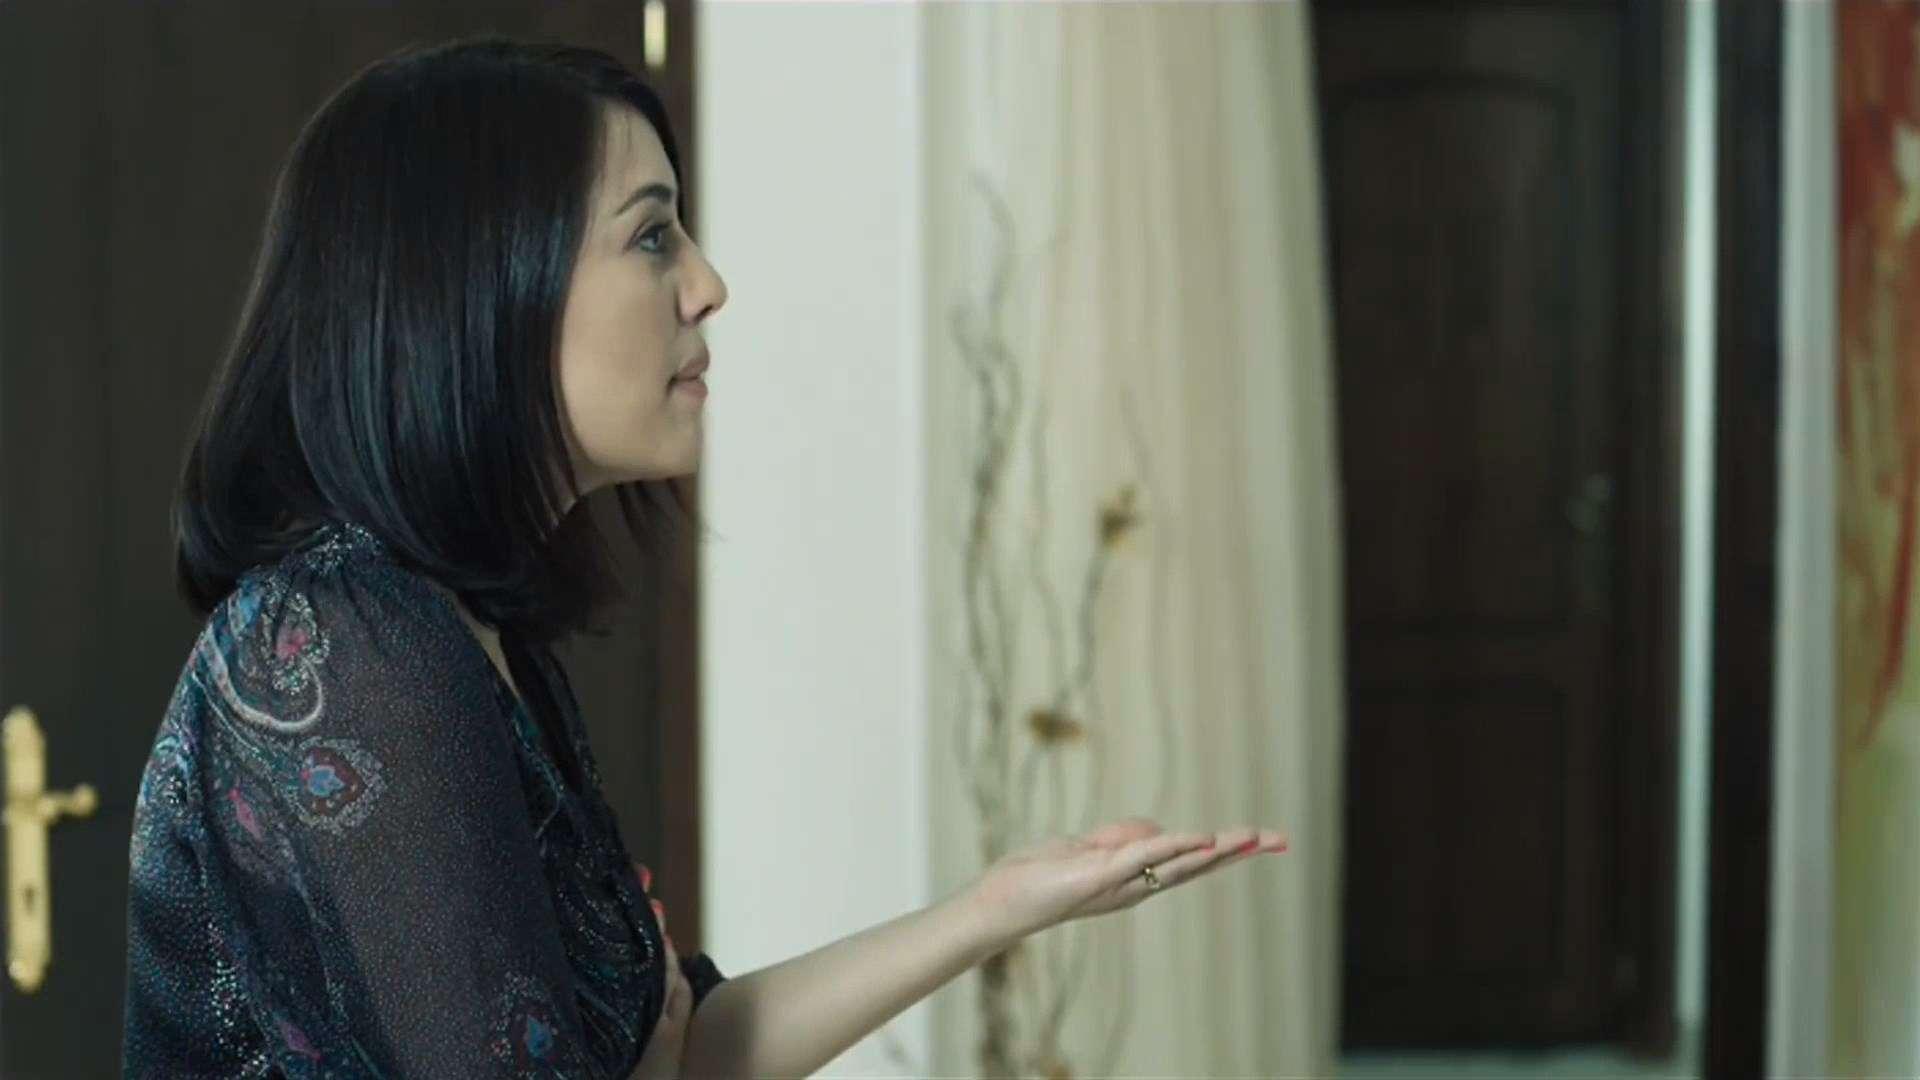 [فيلم][تورنت][تحميل][برتيتا][2011][1080p][Web-DL] 2 arabp2p.com